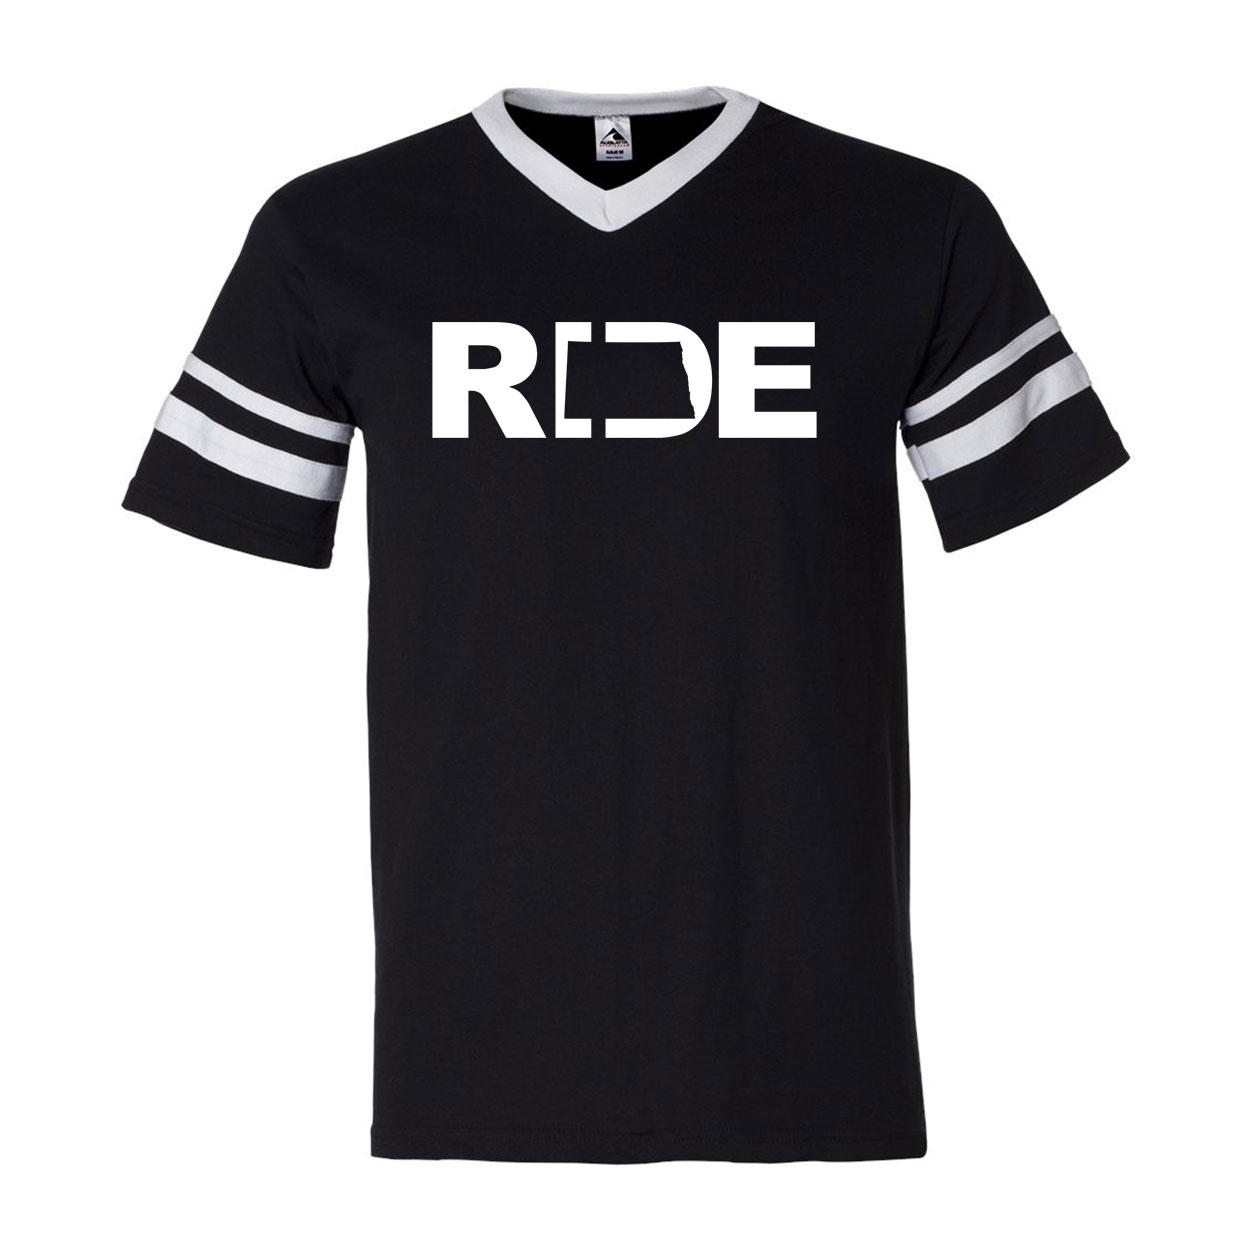 Ride North Dakota Classic Premium Striped Jersey T-Shirt Black/White (White Logo)